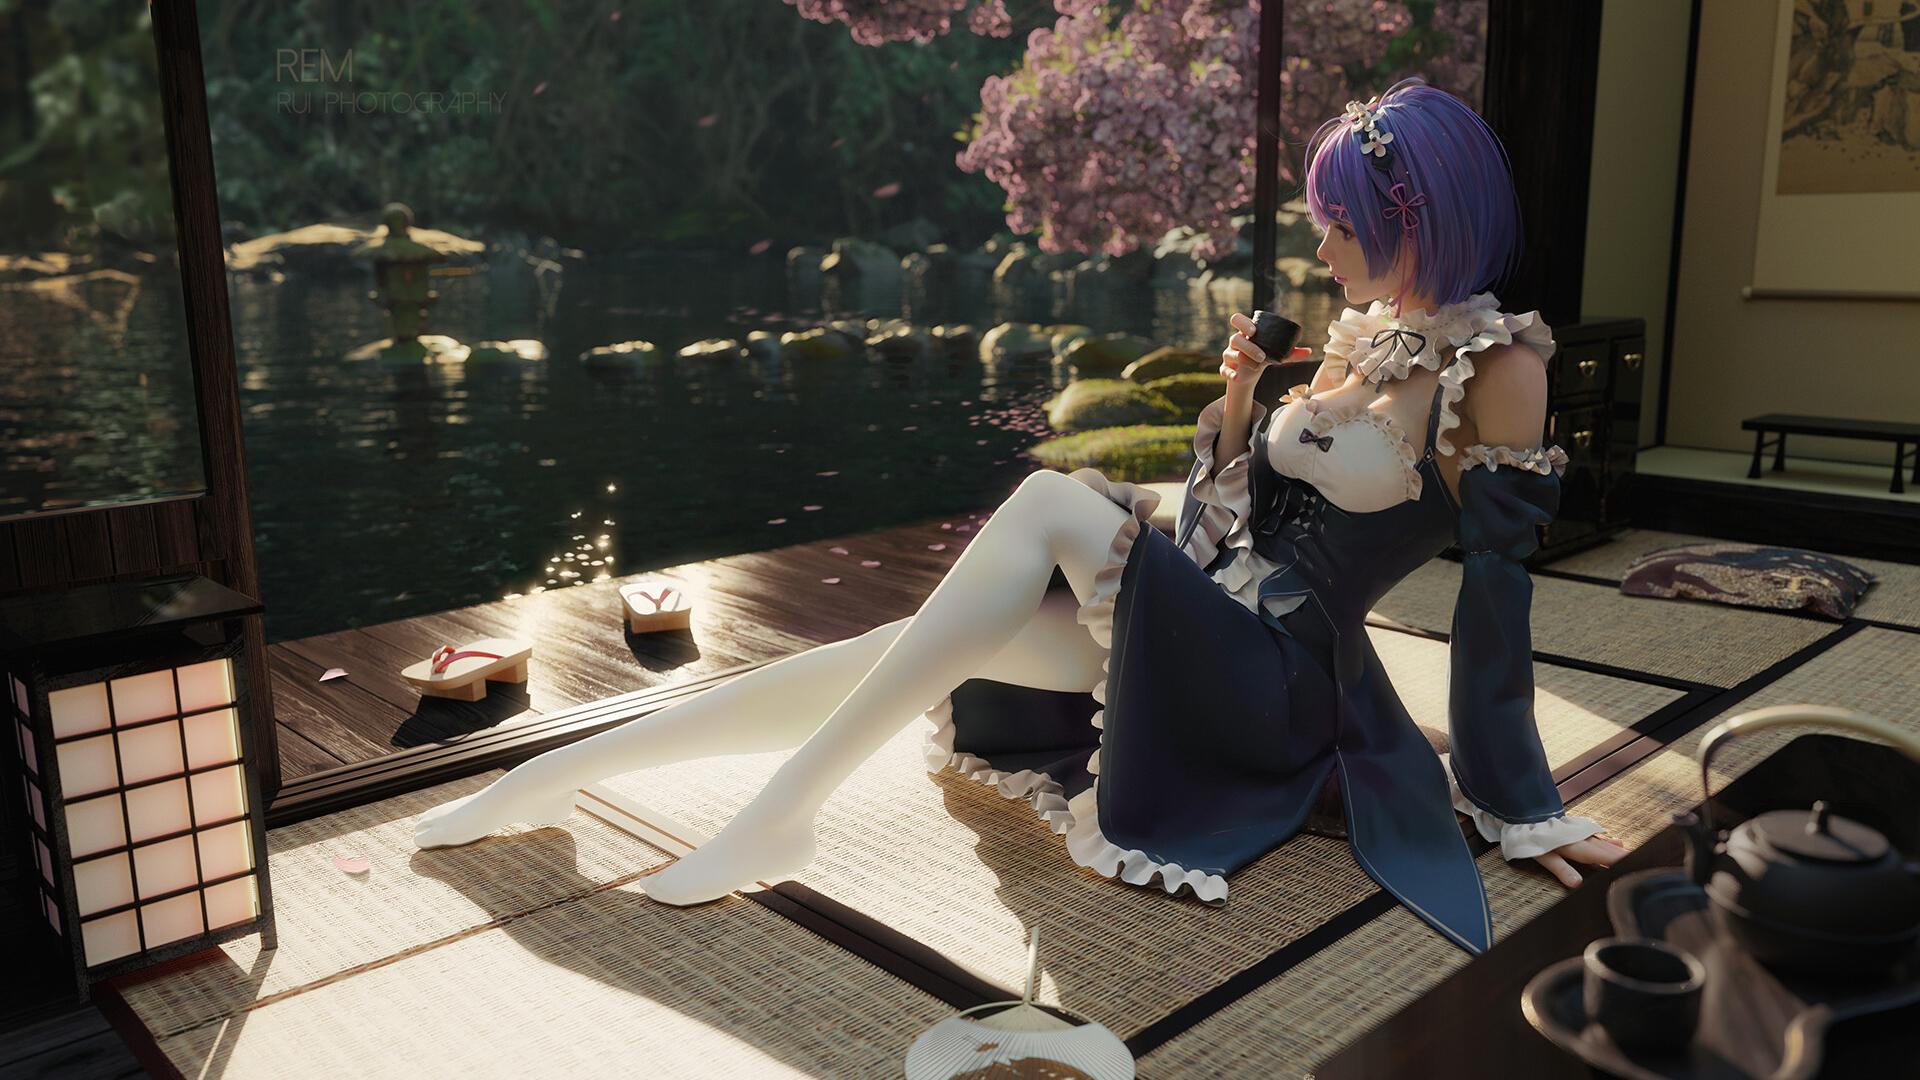 庭院 湖 女孩 裙子 白色长裤袜 草席 喝茶 动漫壁纸